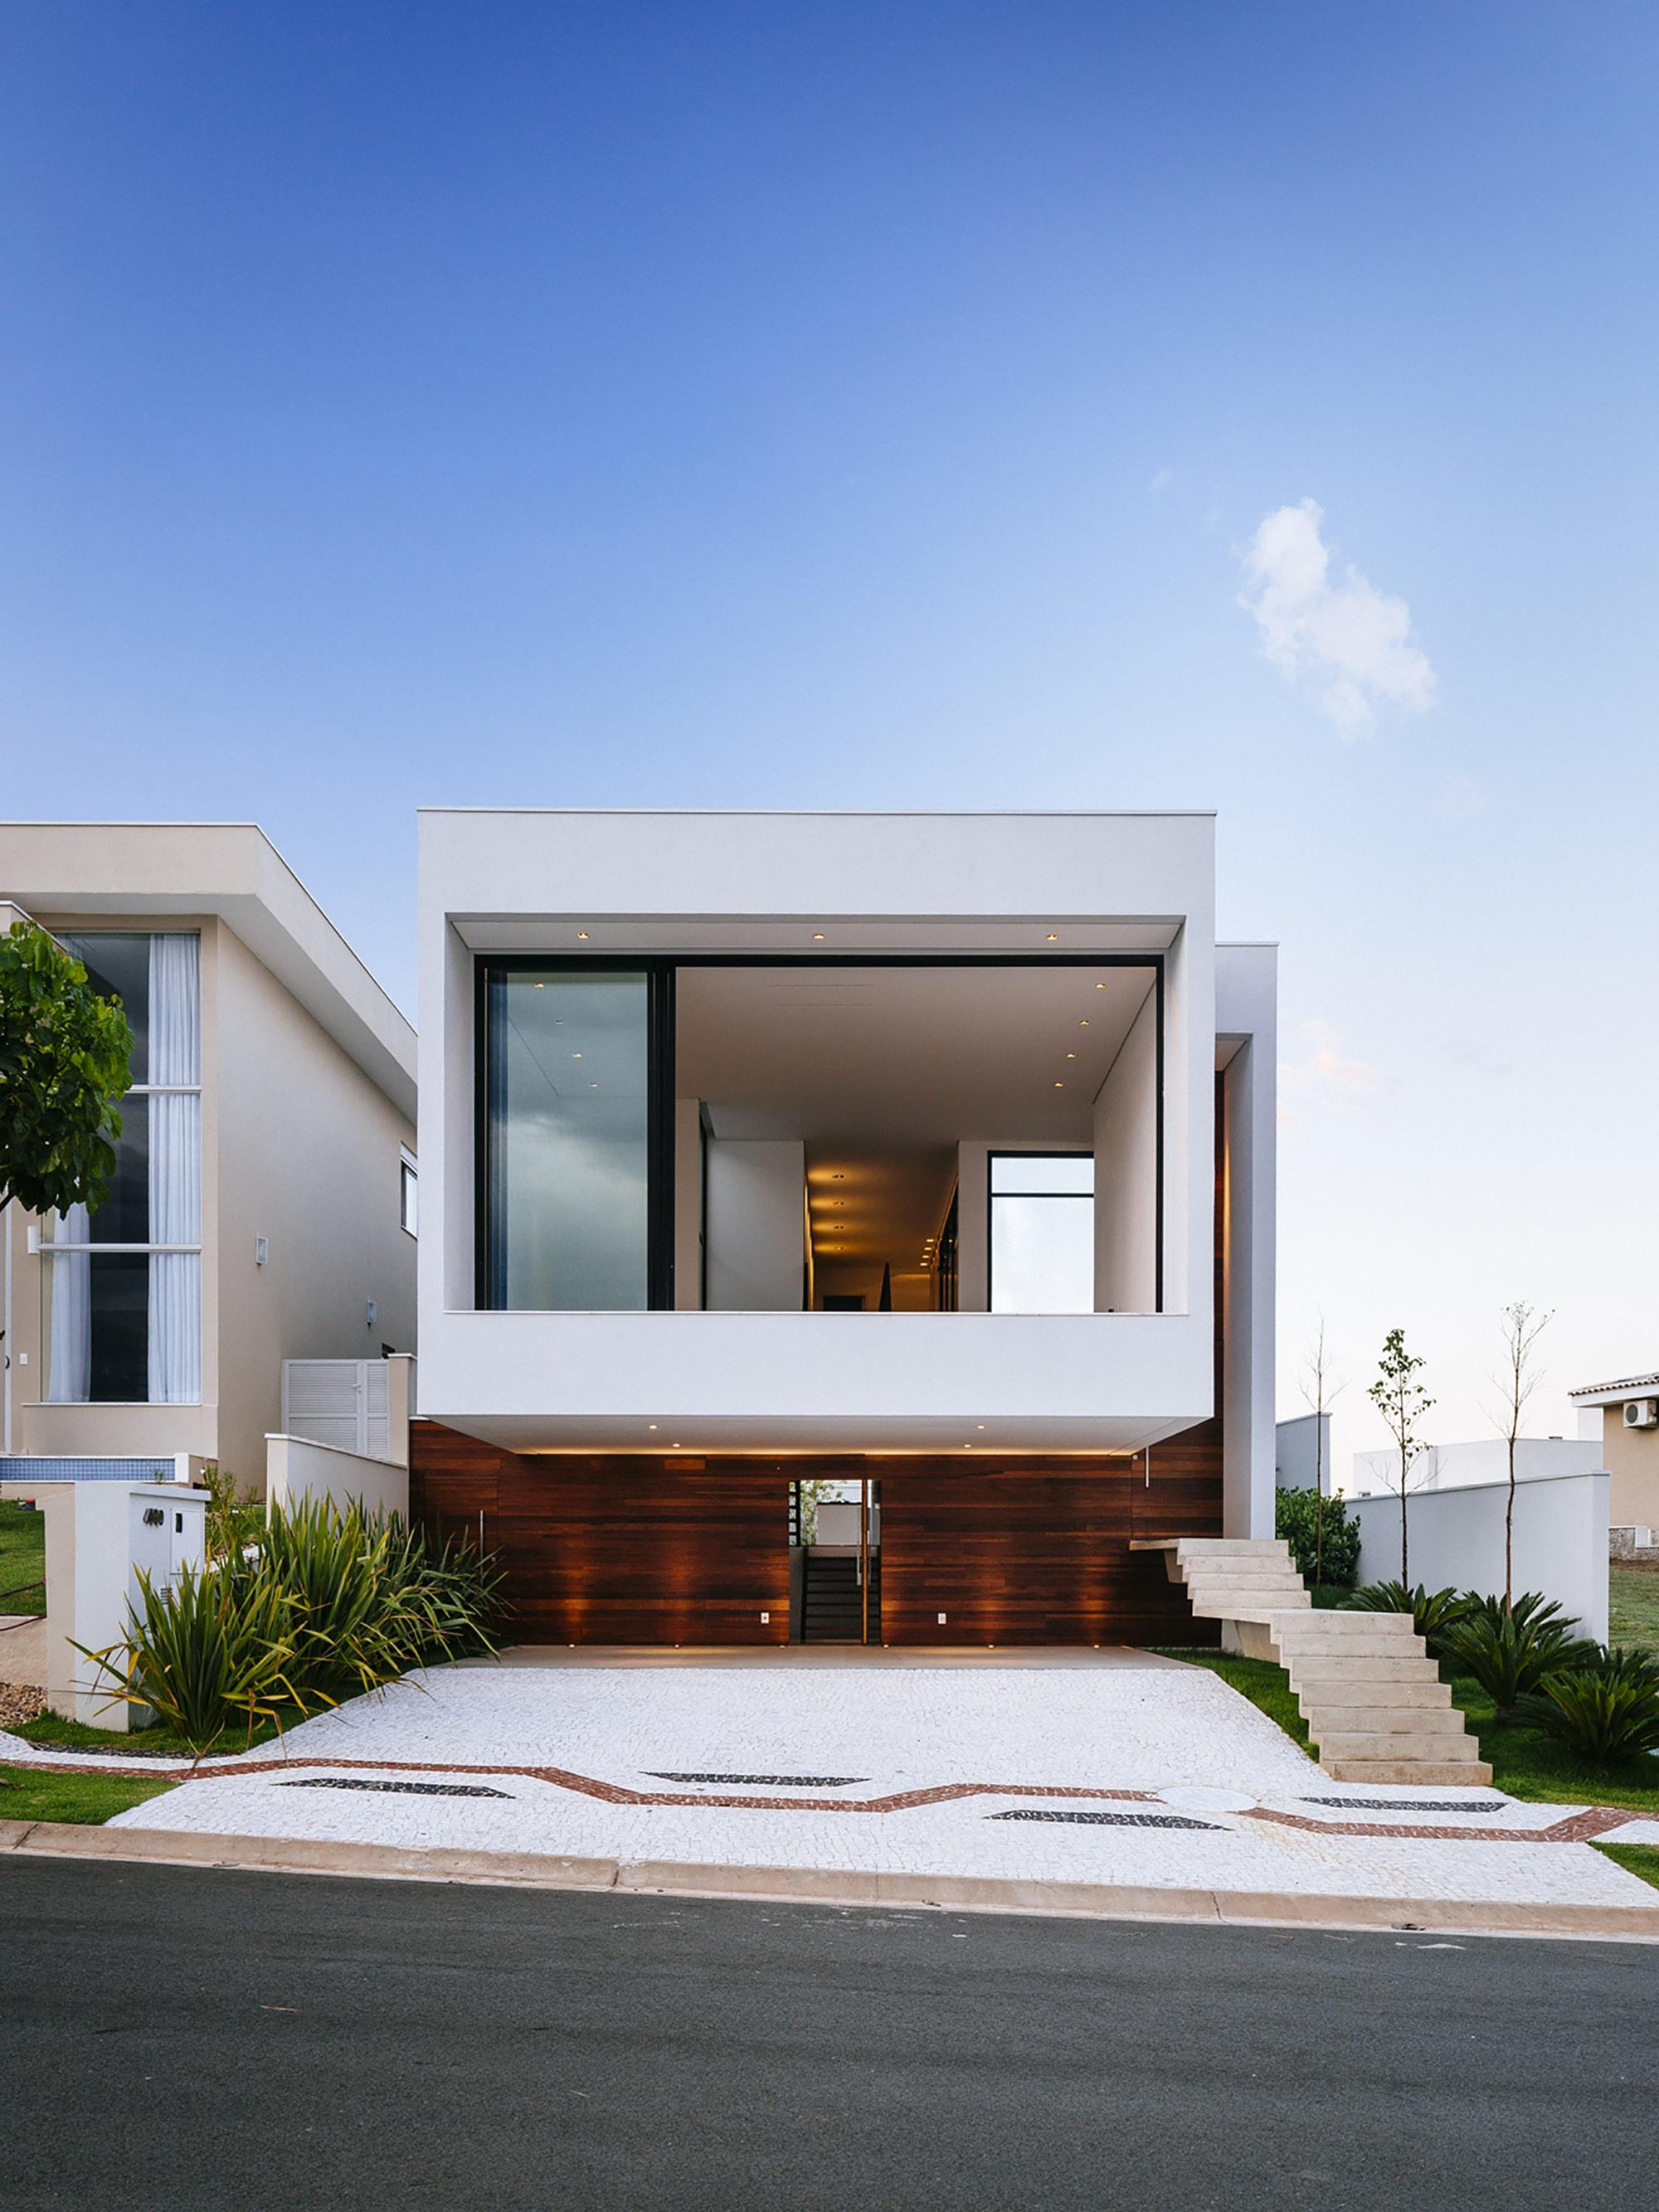 Dise o de moderna casa de dos pisos con fachada y planos for Casa minimalista grande